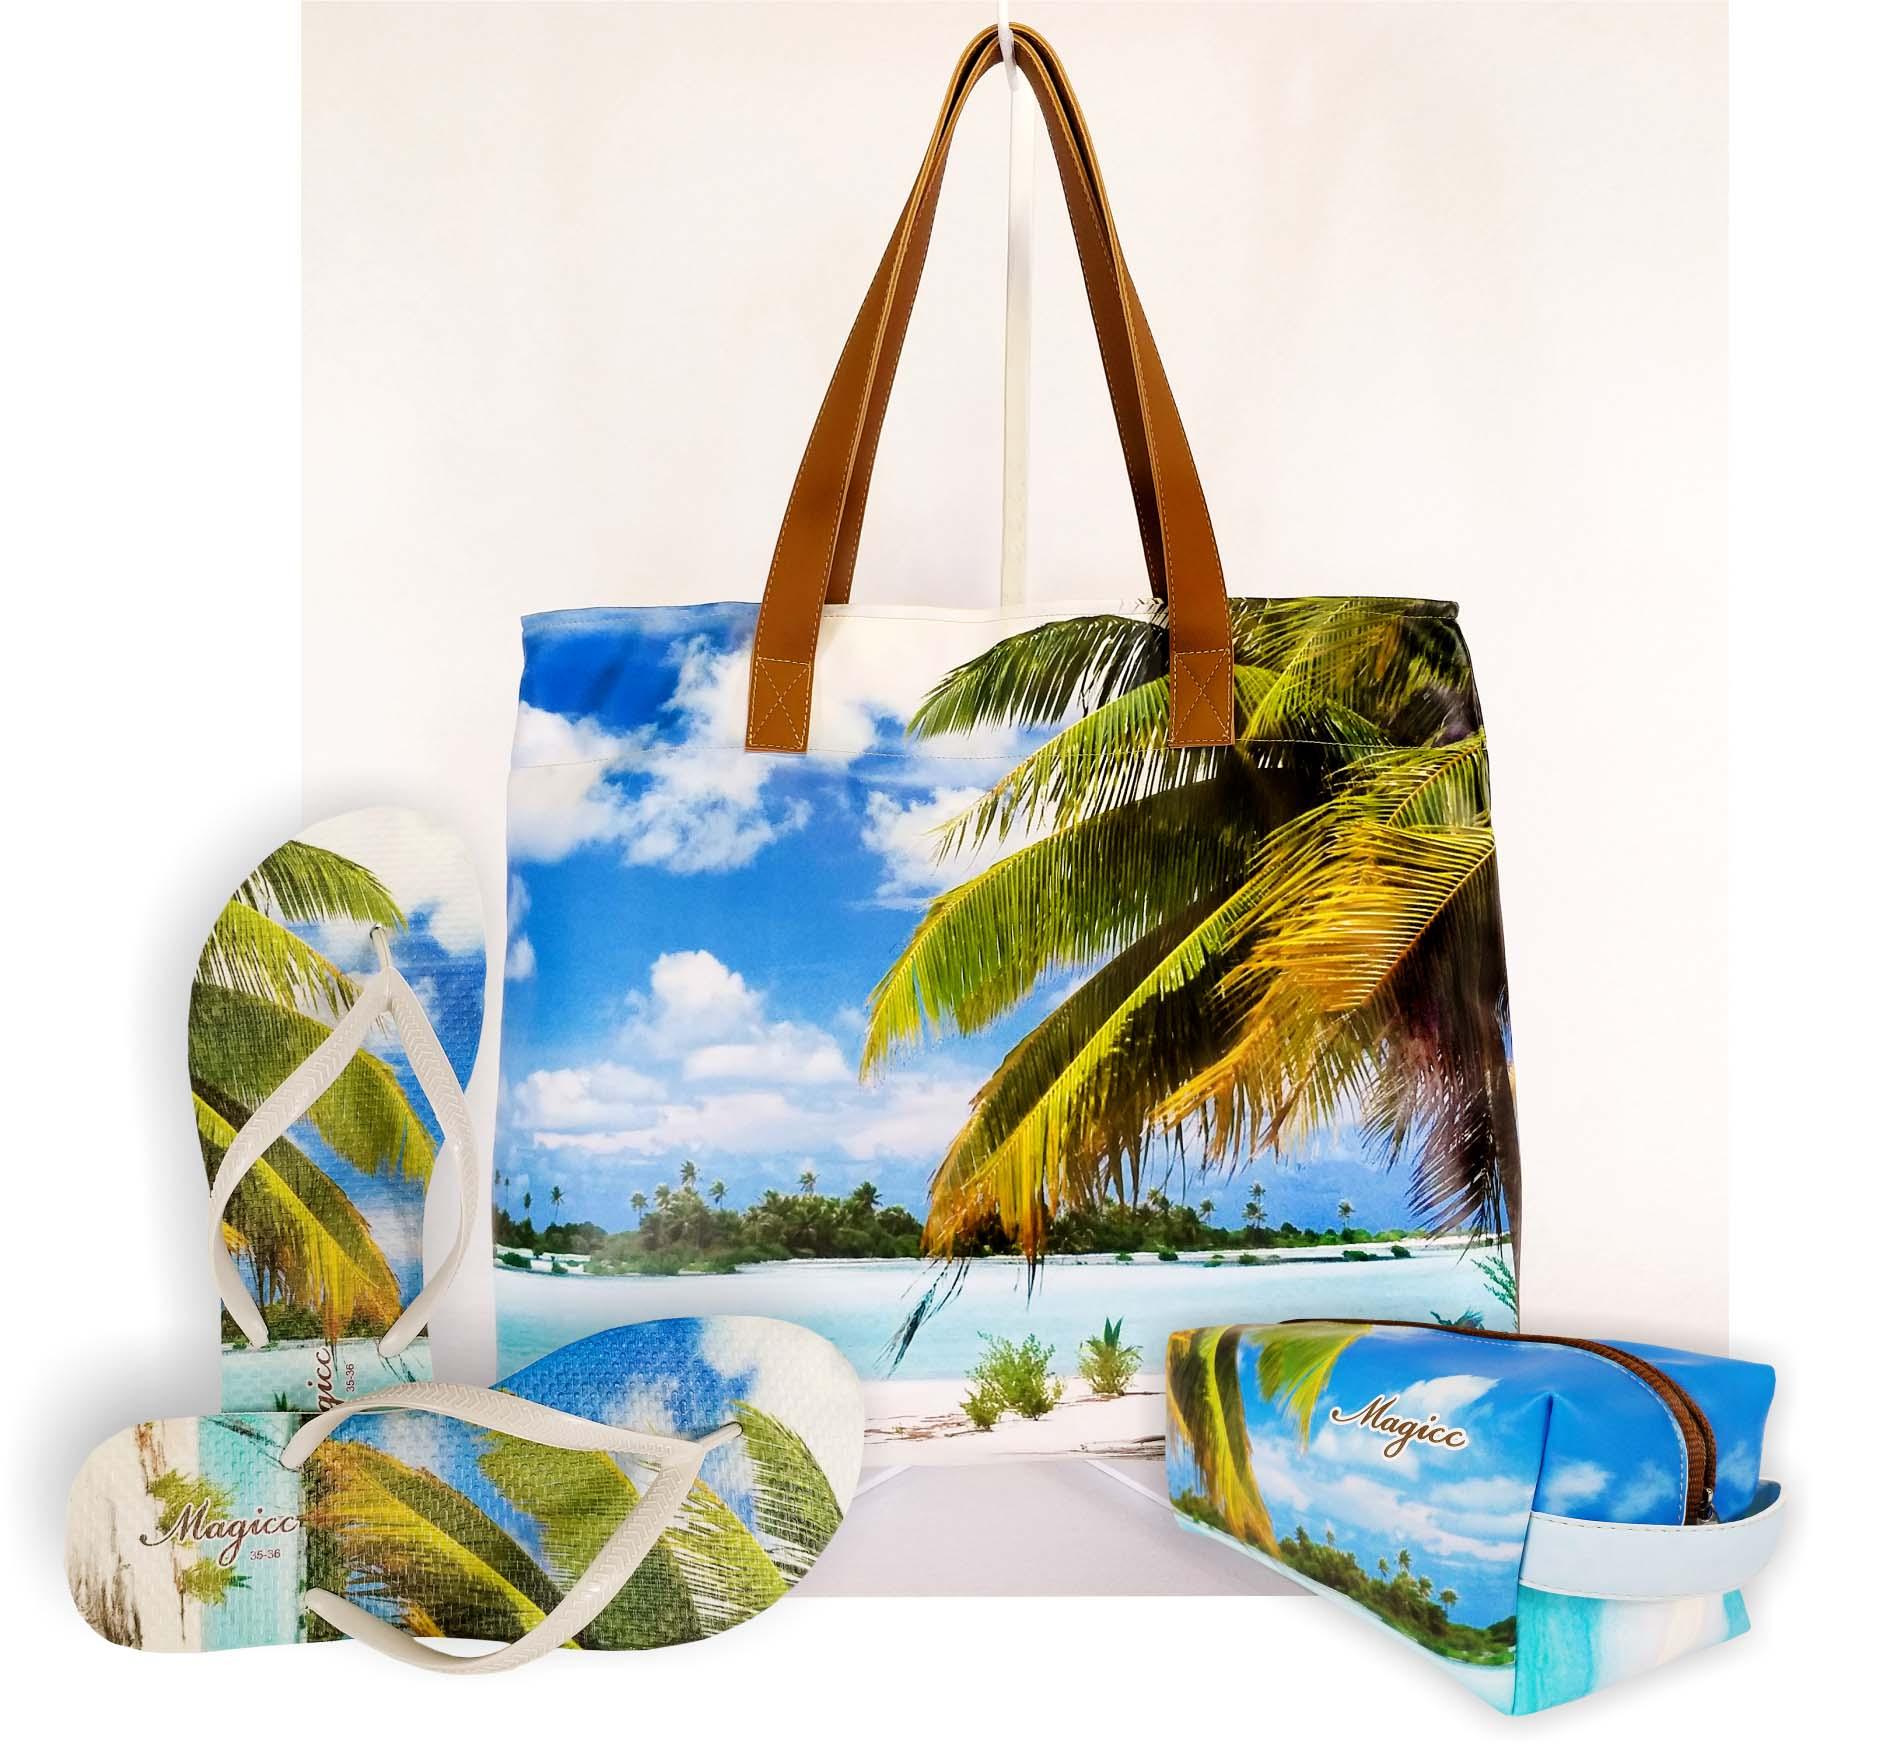 Kit Feminino Praia Coqueiro com Bolsa, Necessaire e Chinelo, Magicc